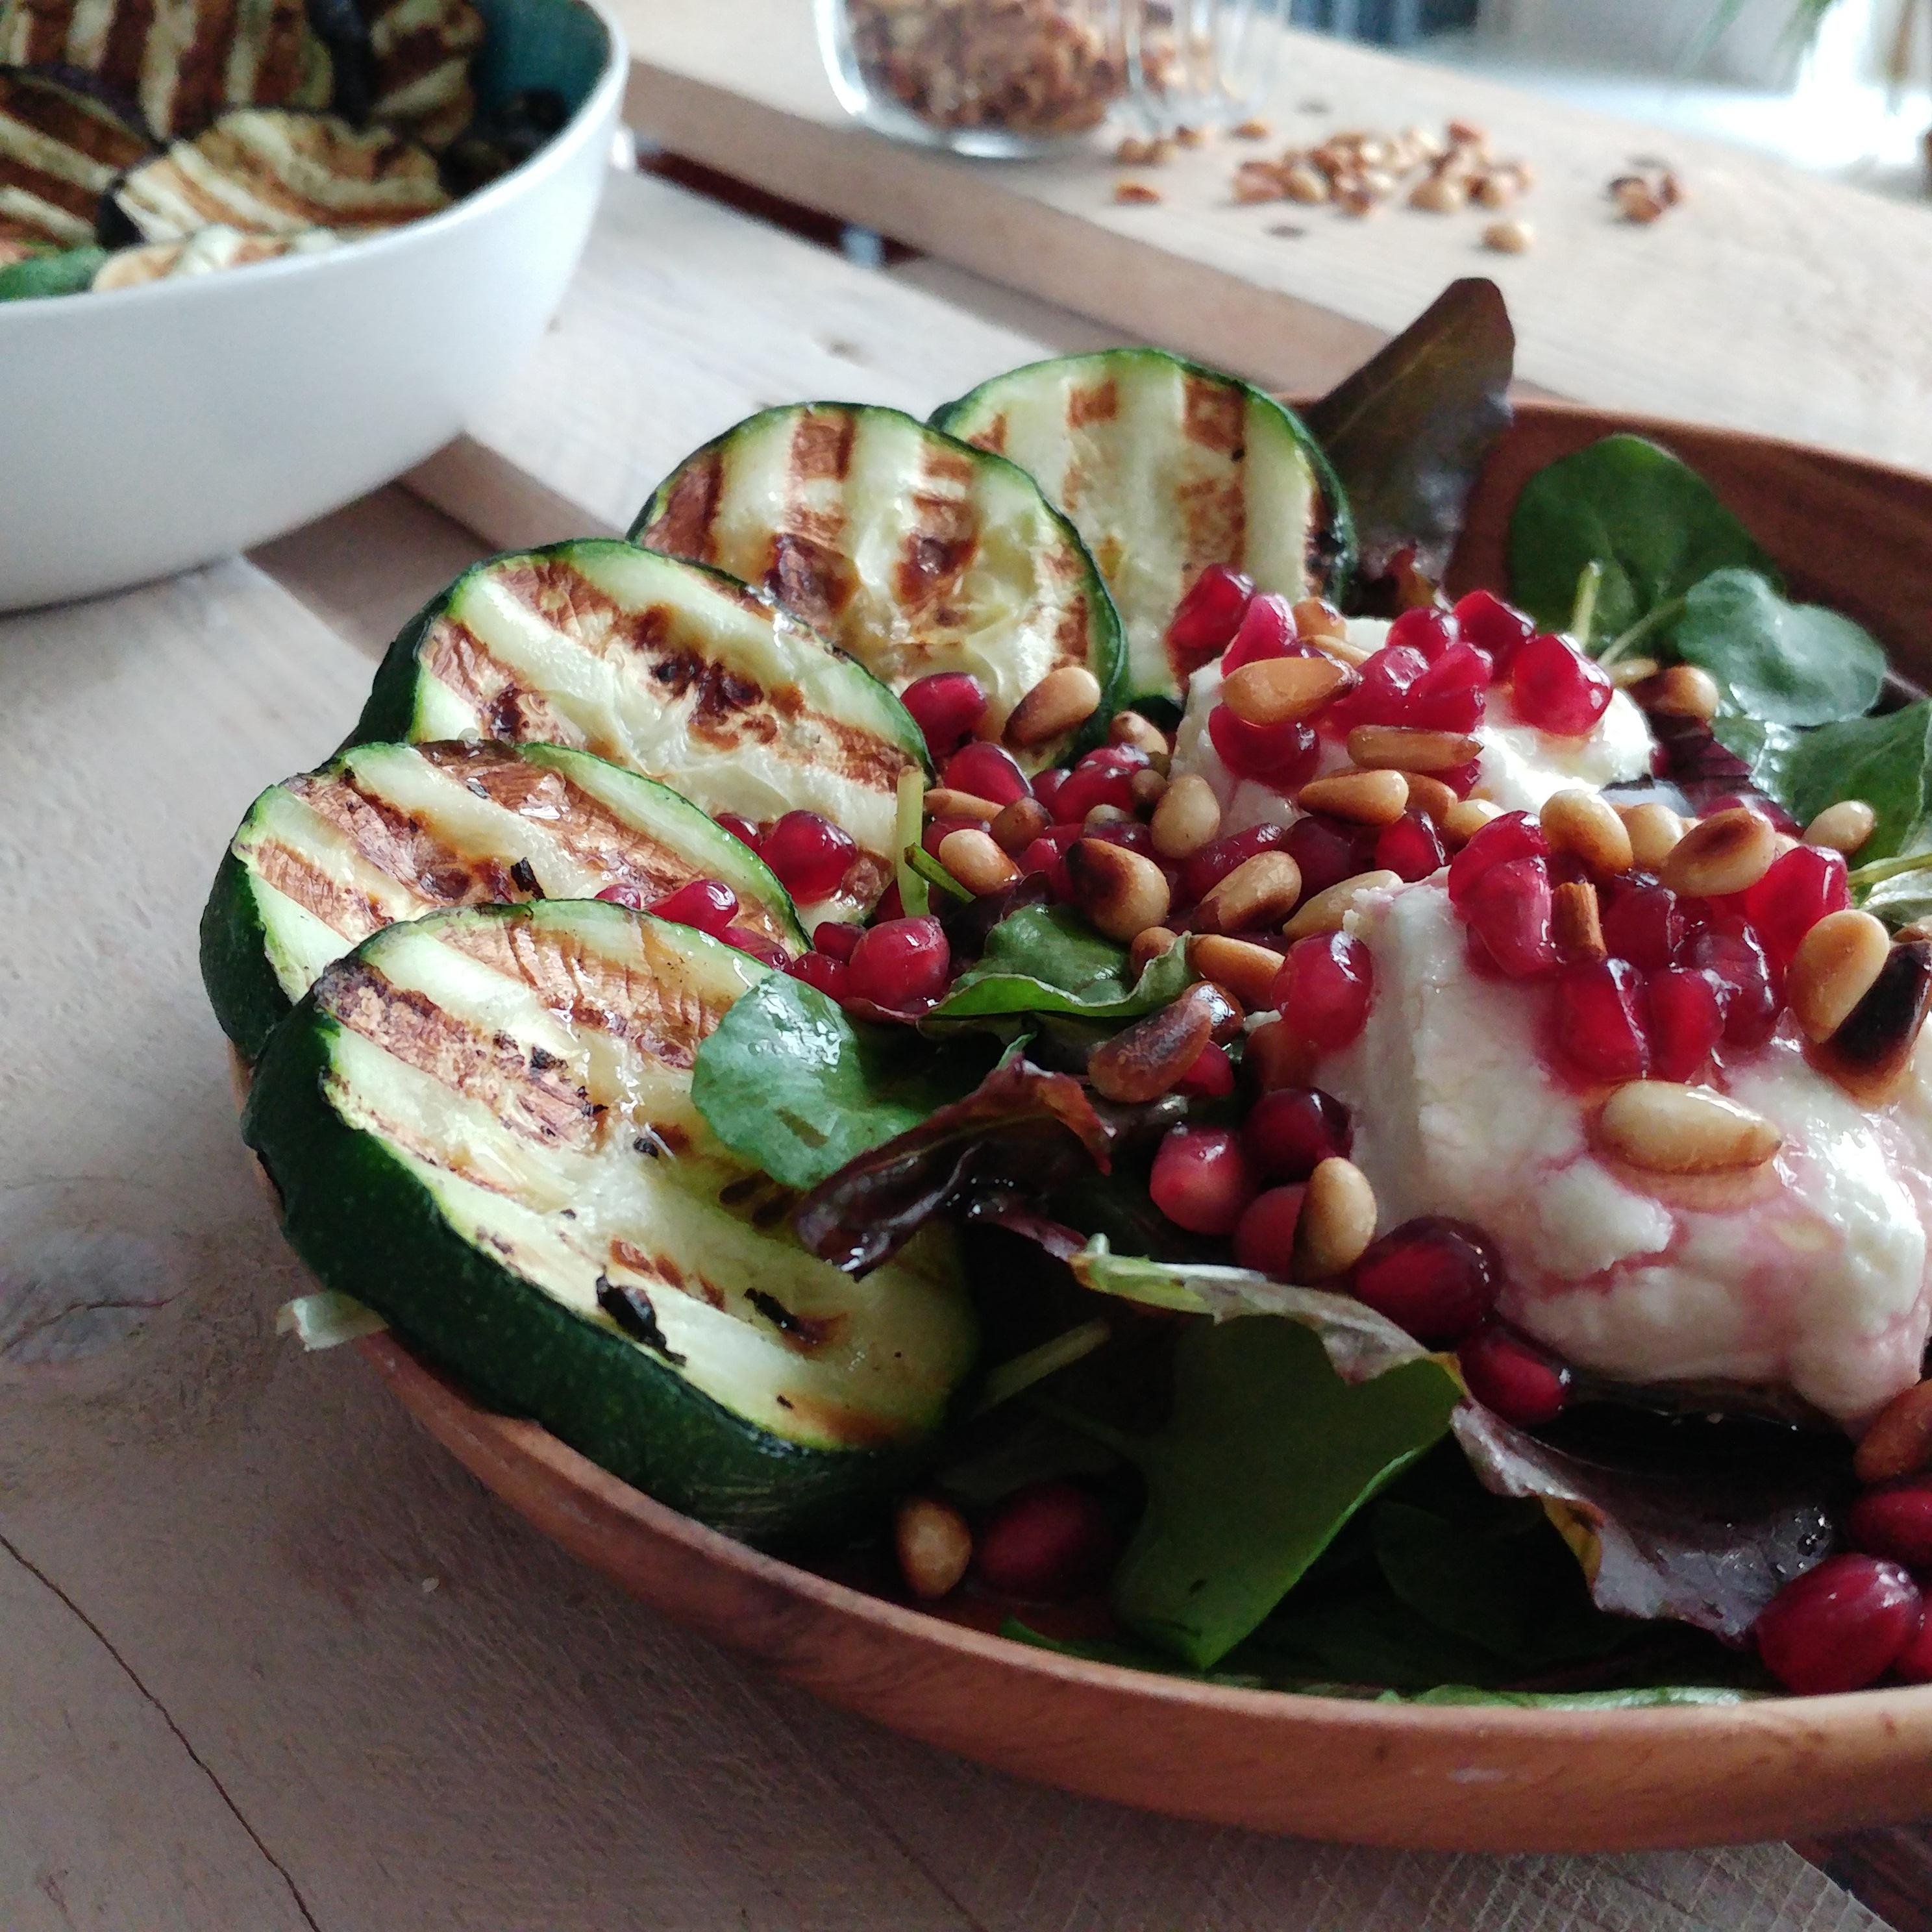 Linzensalade met bietjes, spinazie en rozijnen